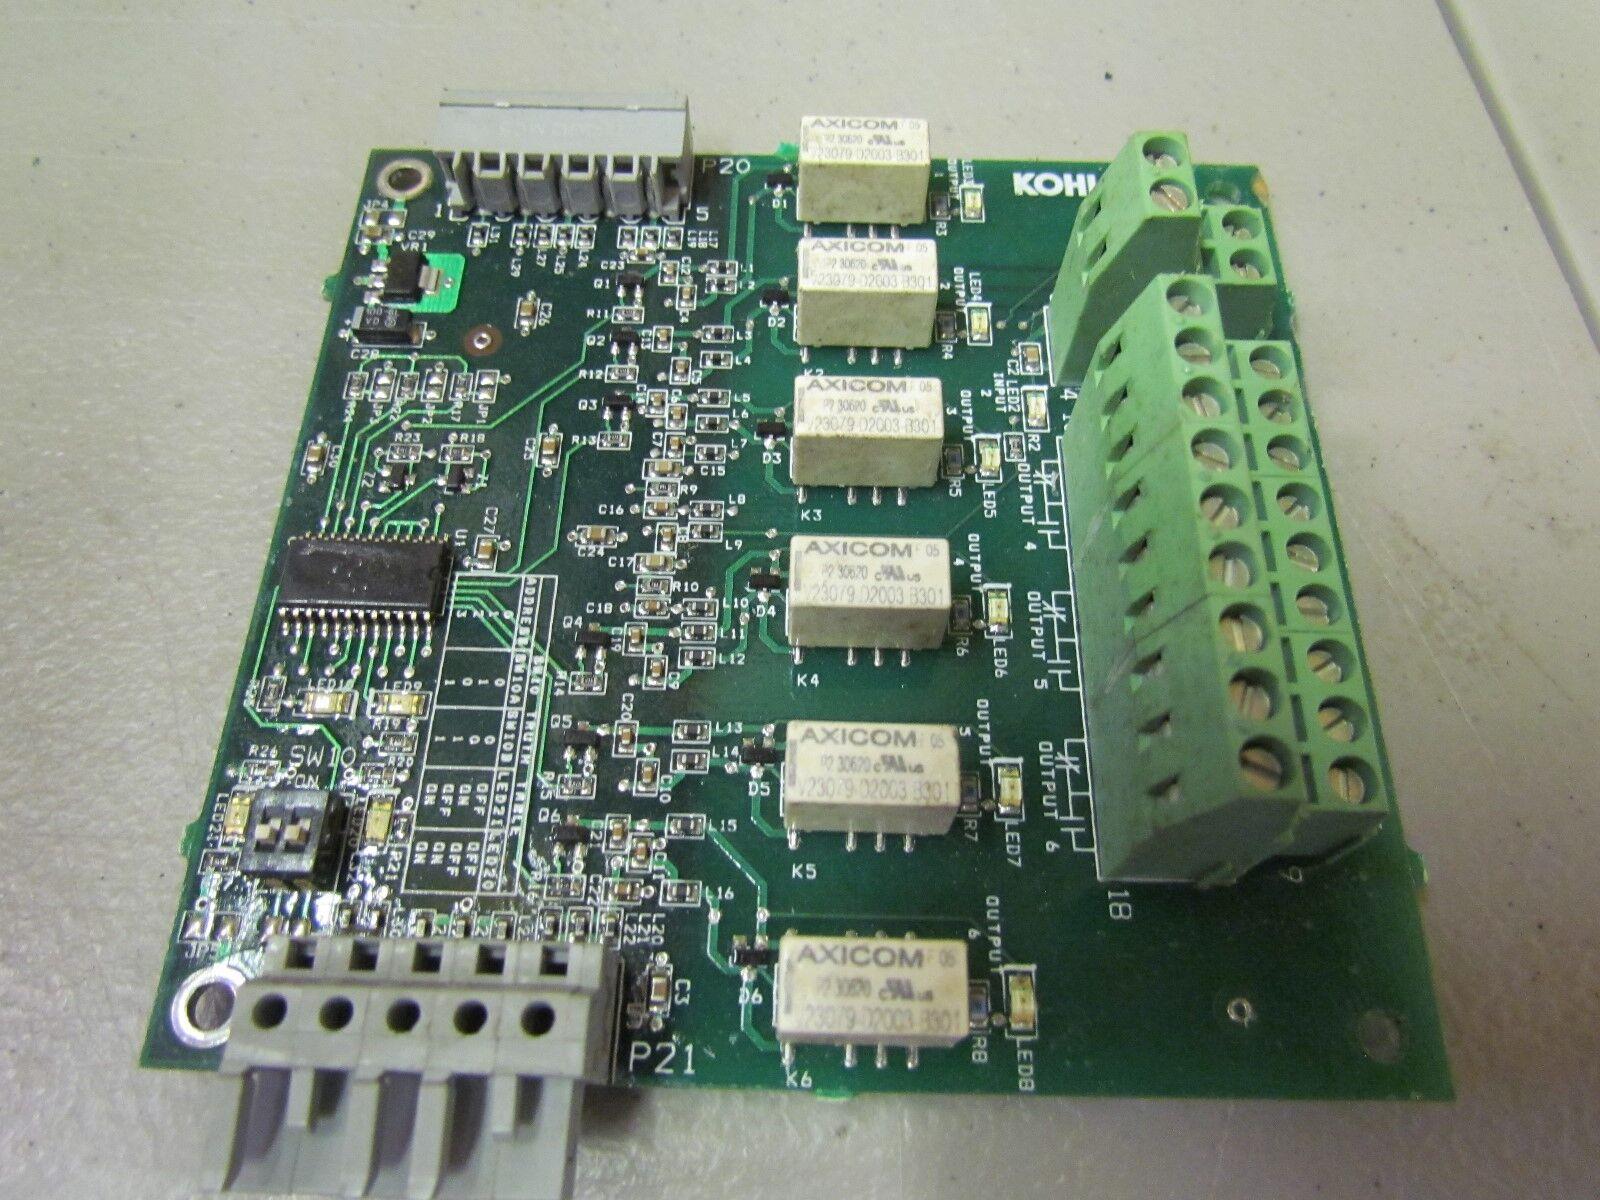 Kohler PC Board Gm41092-c Ship | eBay